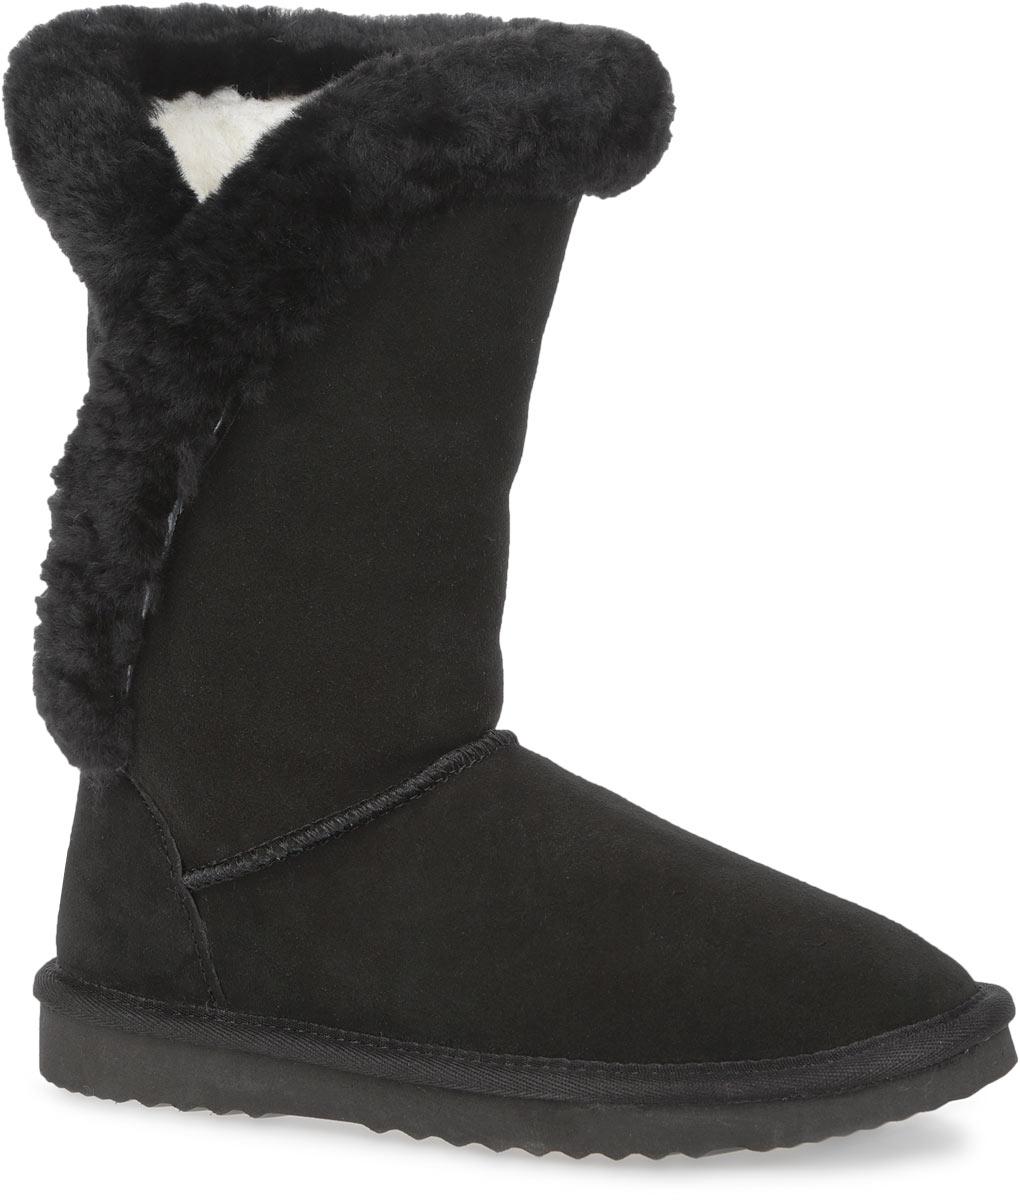 Угги женские. 59275927Стильные угги от Snow Paw заинтересуют вас своим дизайном с первого взгляда! Модель выполнена из натурального износоустойчивого спилка и дополнена фактурными швами по верху. По канту и сбоку обувь оформлена натуральным мехом. Подкладка и стелька - из теплой натуральной шерсти, защитят ноги от холода и обеспечат комфорт. Задник дополнен нашивкой с символикой бренда. Ширина голенища компенсирует отсутствие застежек. Подошва с рельефным протектором обеспечивает отличное сцепление с поверхностью. В таких уггах вашим ногам будет уютно и комфортно! Они прекрасно дополнят ваш повседневный образ.